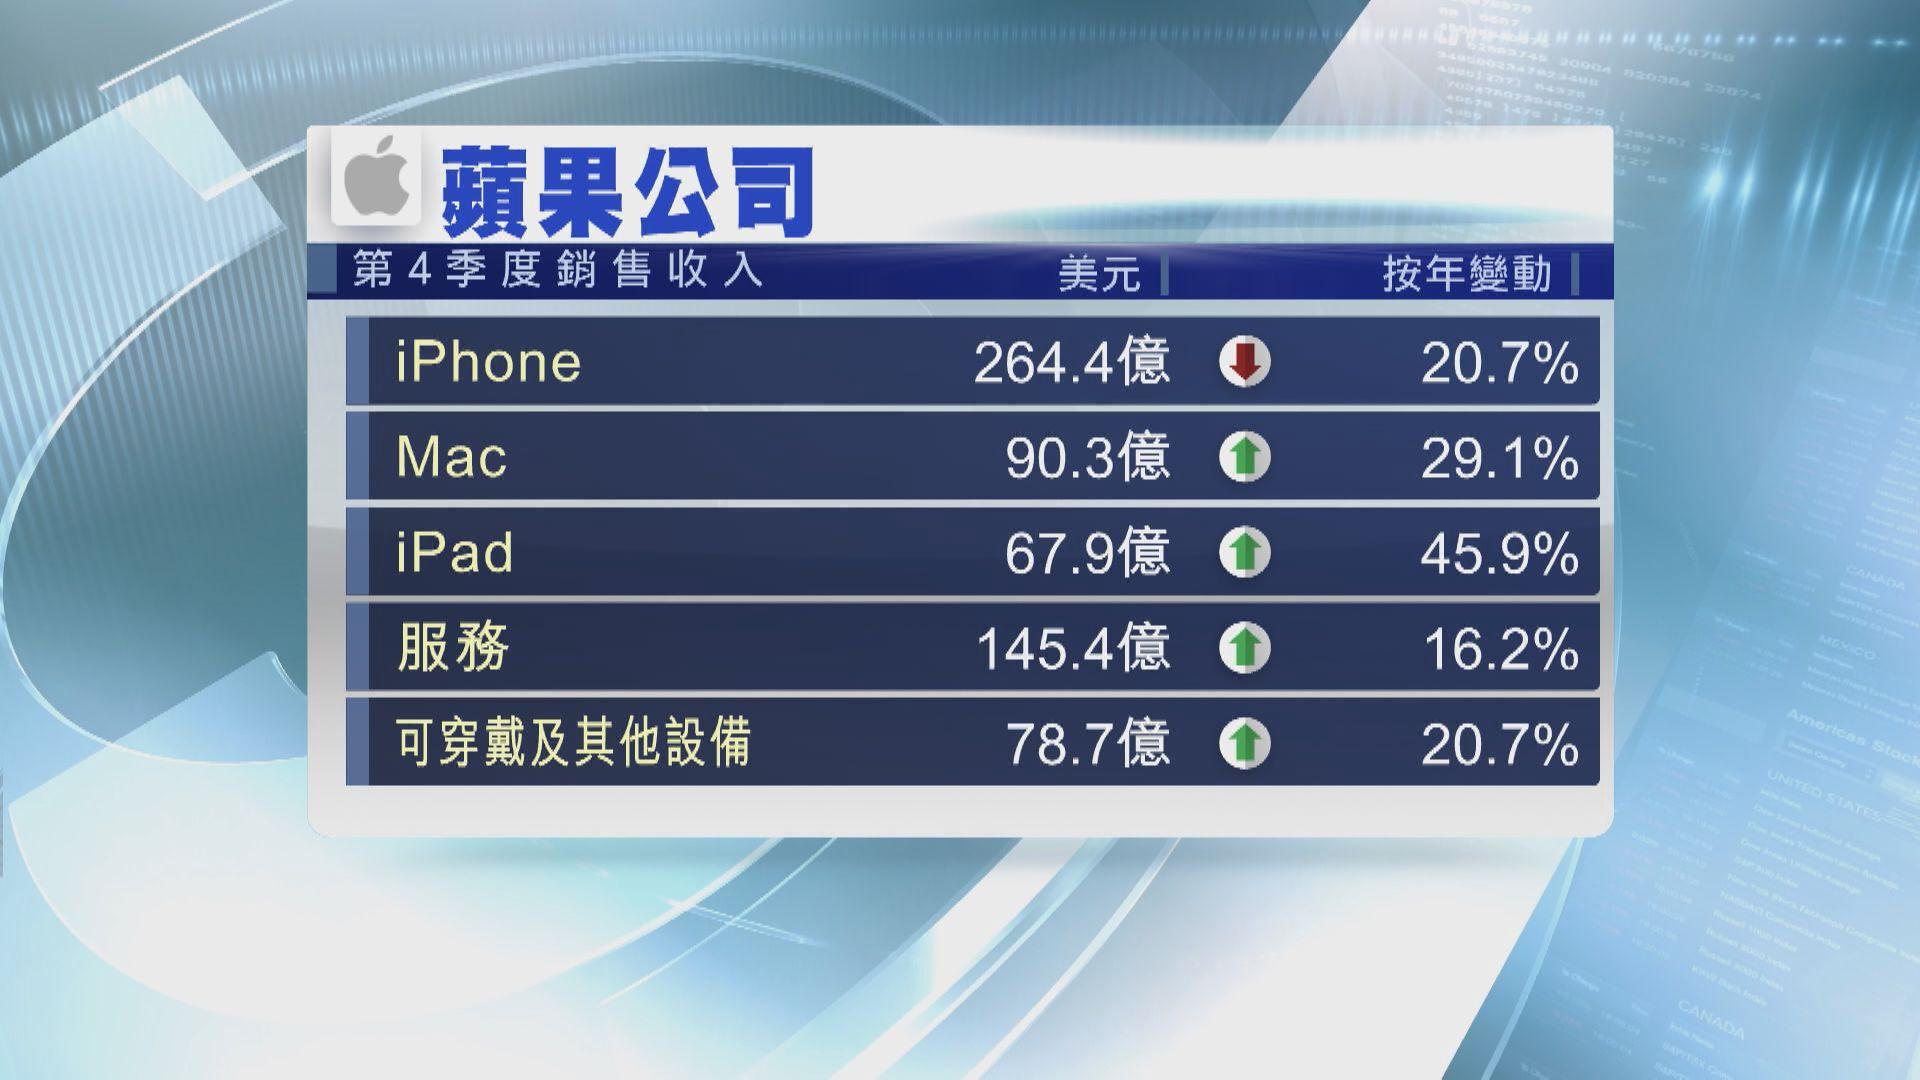 蘋果上季手機收入跌 庫克:今季樂觀